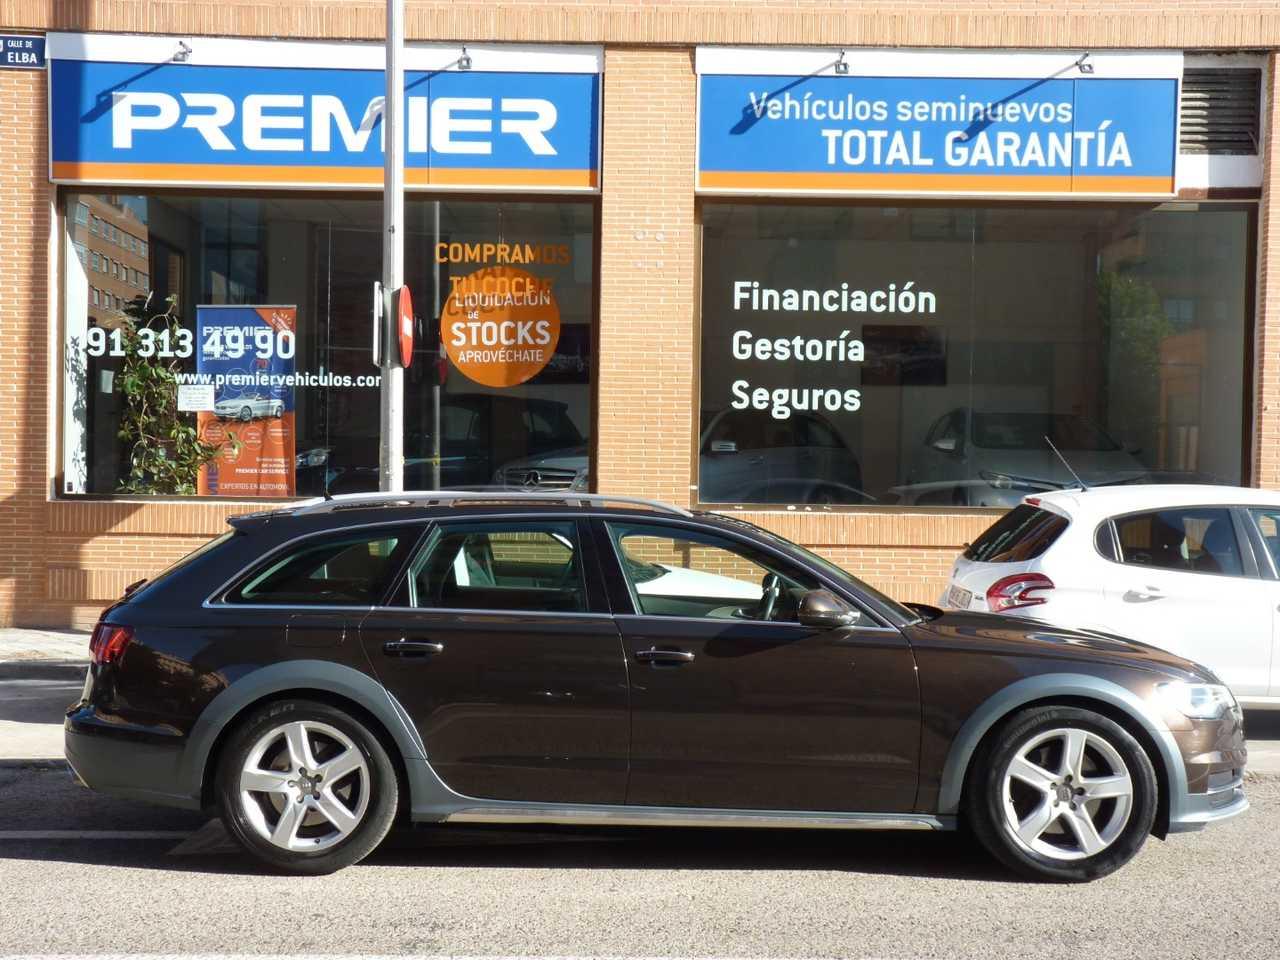 Audi A6 Allroad Quattro 3.0 TDI 218cv quattro S tron Advanced ed   - Foto 1